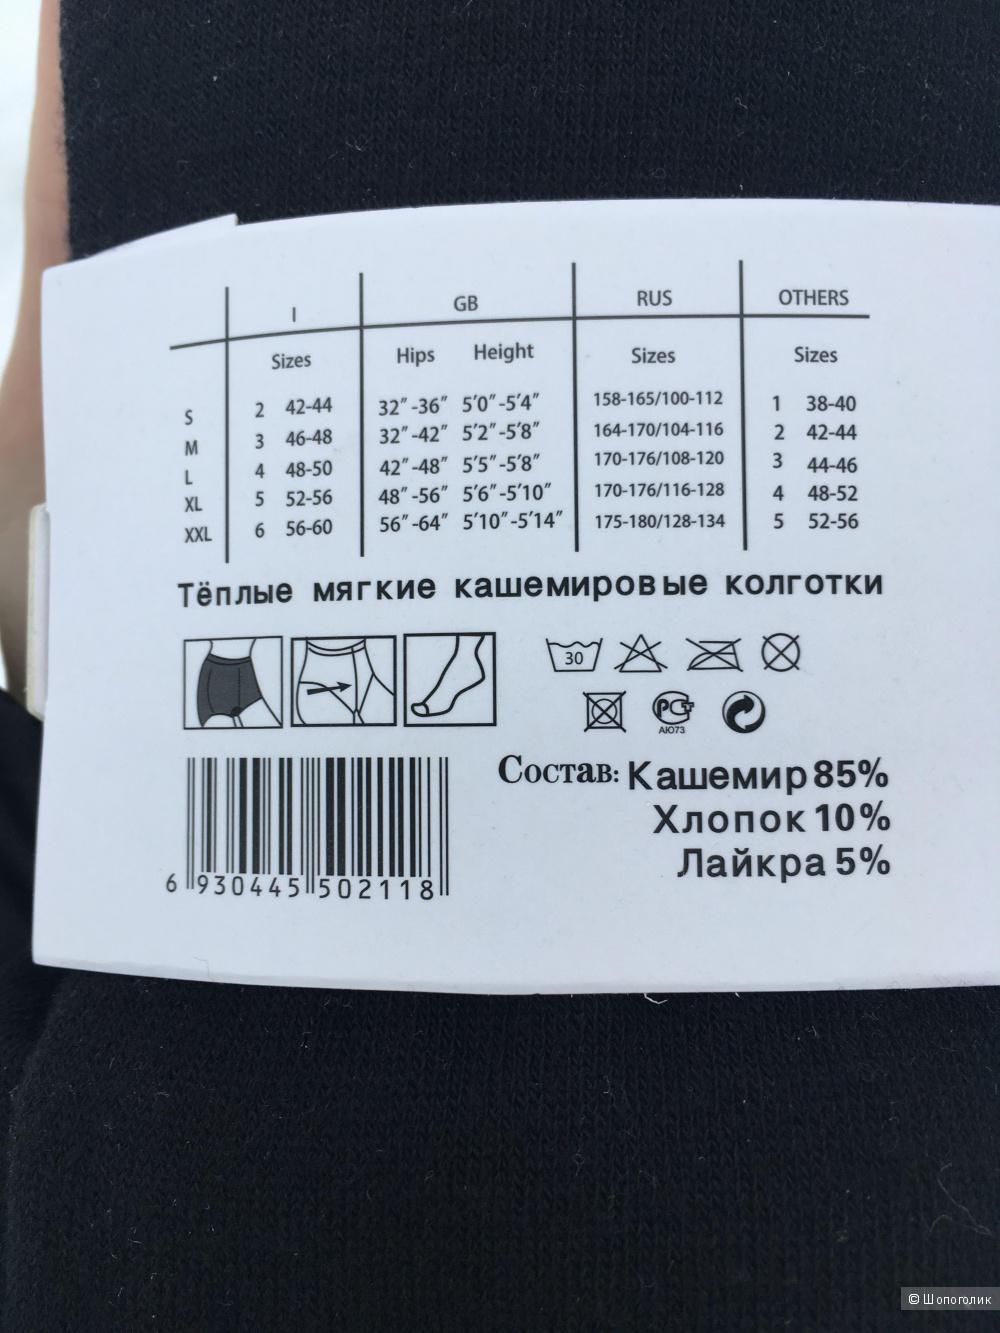 Кашемировые колготки «Лиана», M/L